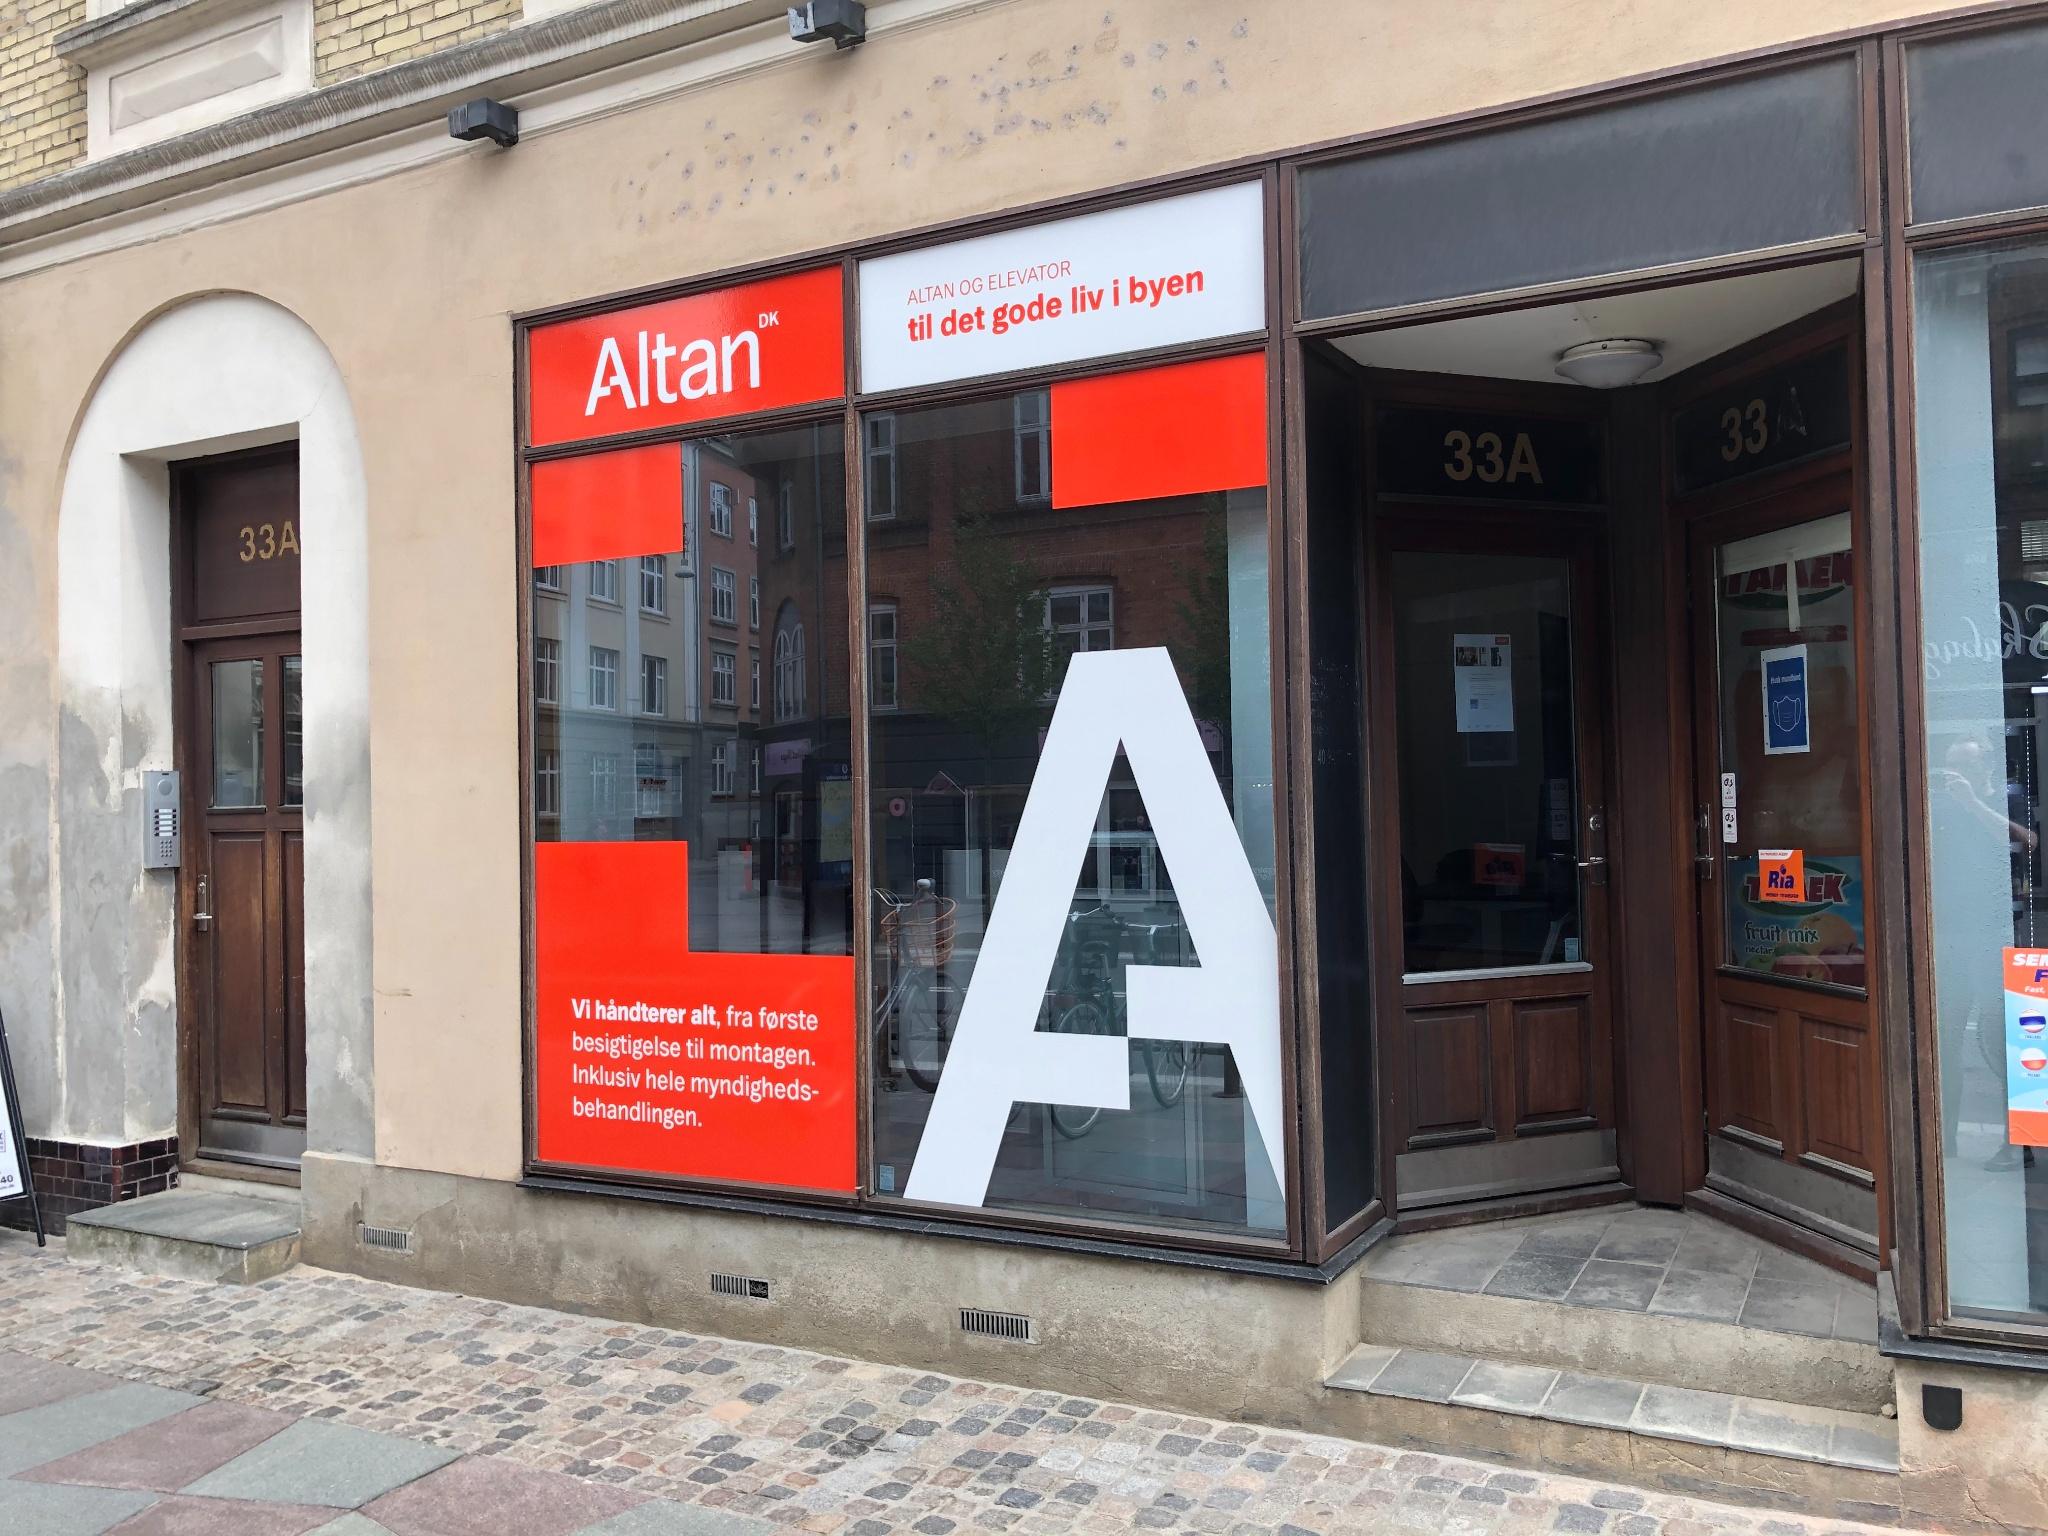 Altan.dk åbner nyt showroom i Aalborg